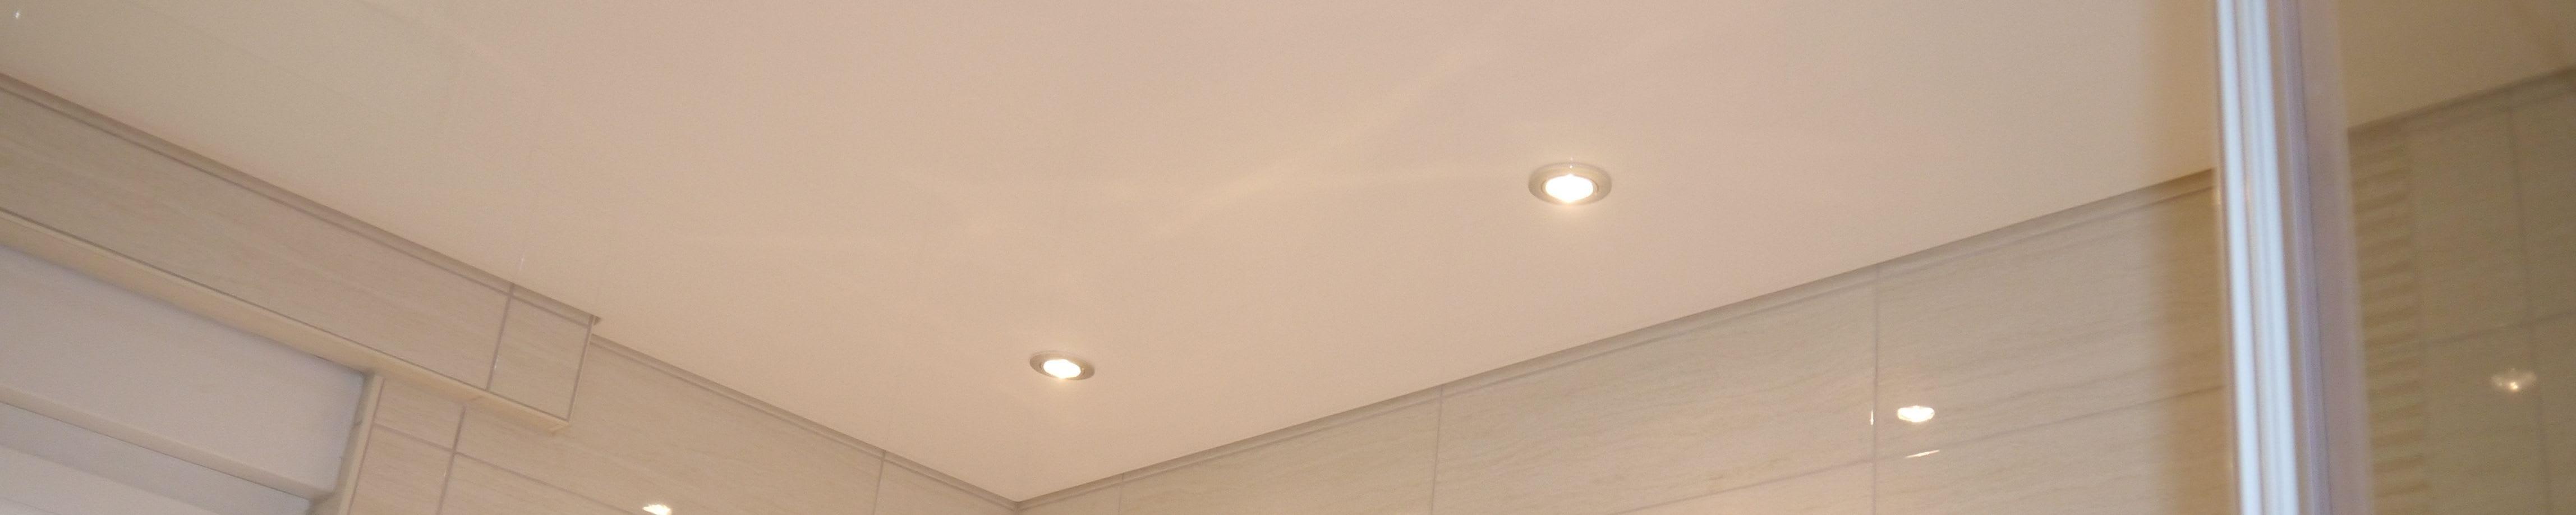 Spanndecke weiß matt mit Beleuchtung